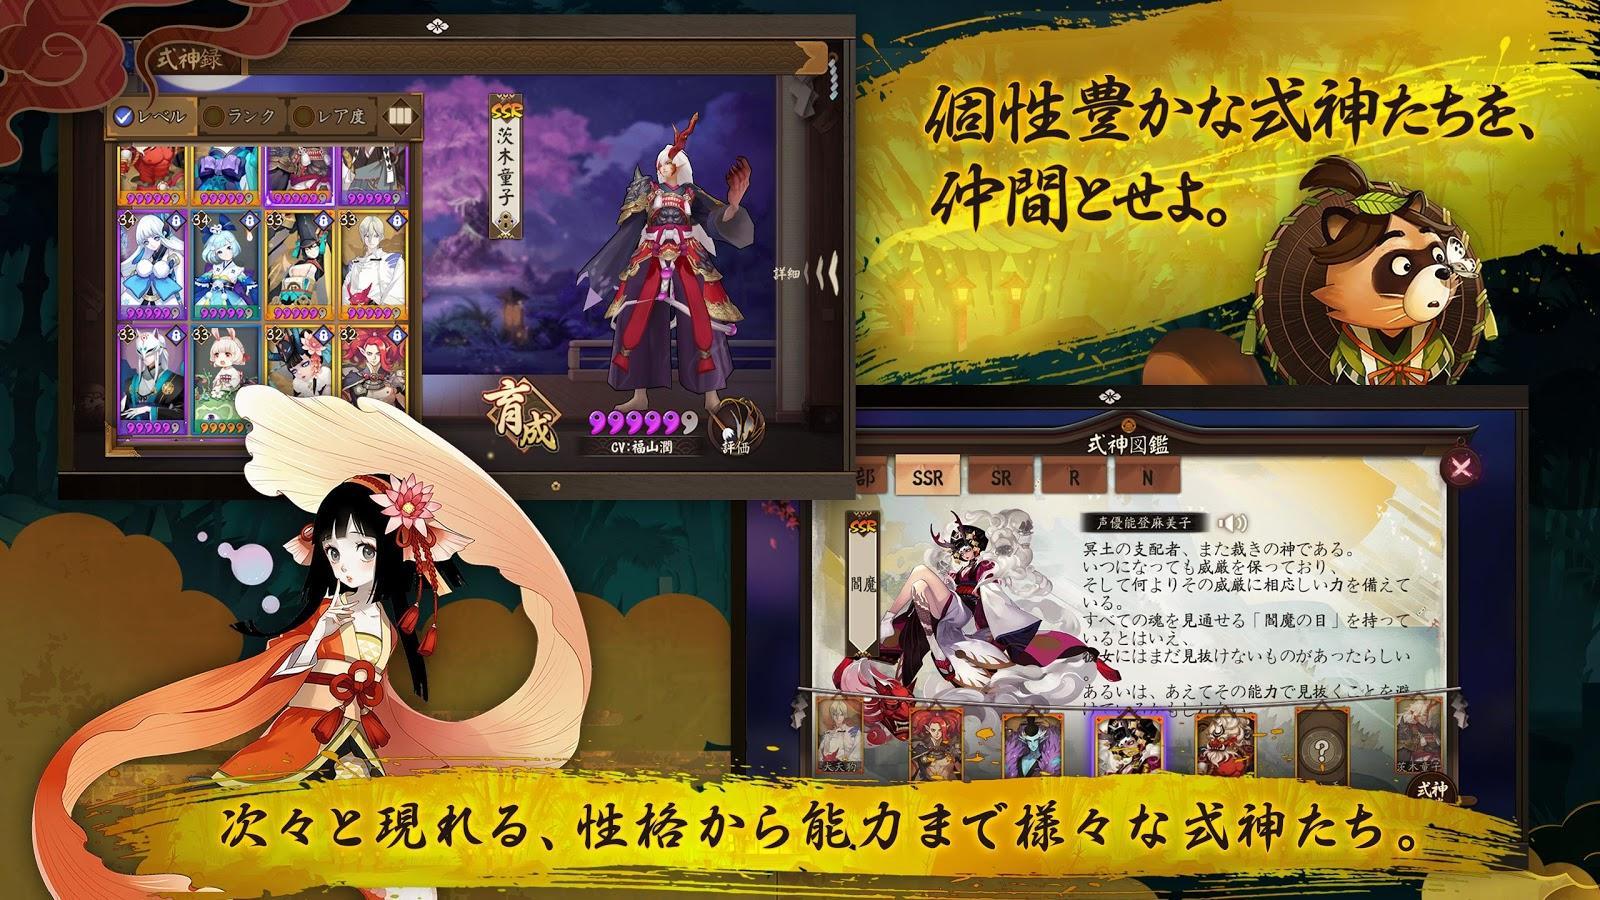 inyoushi4.jpg